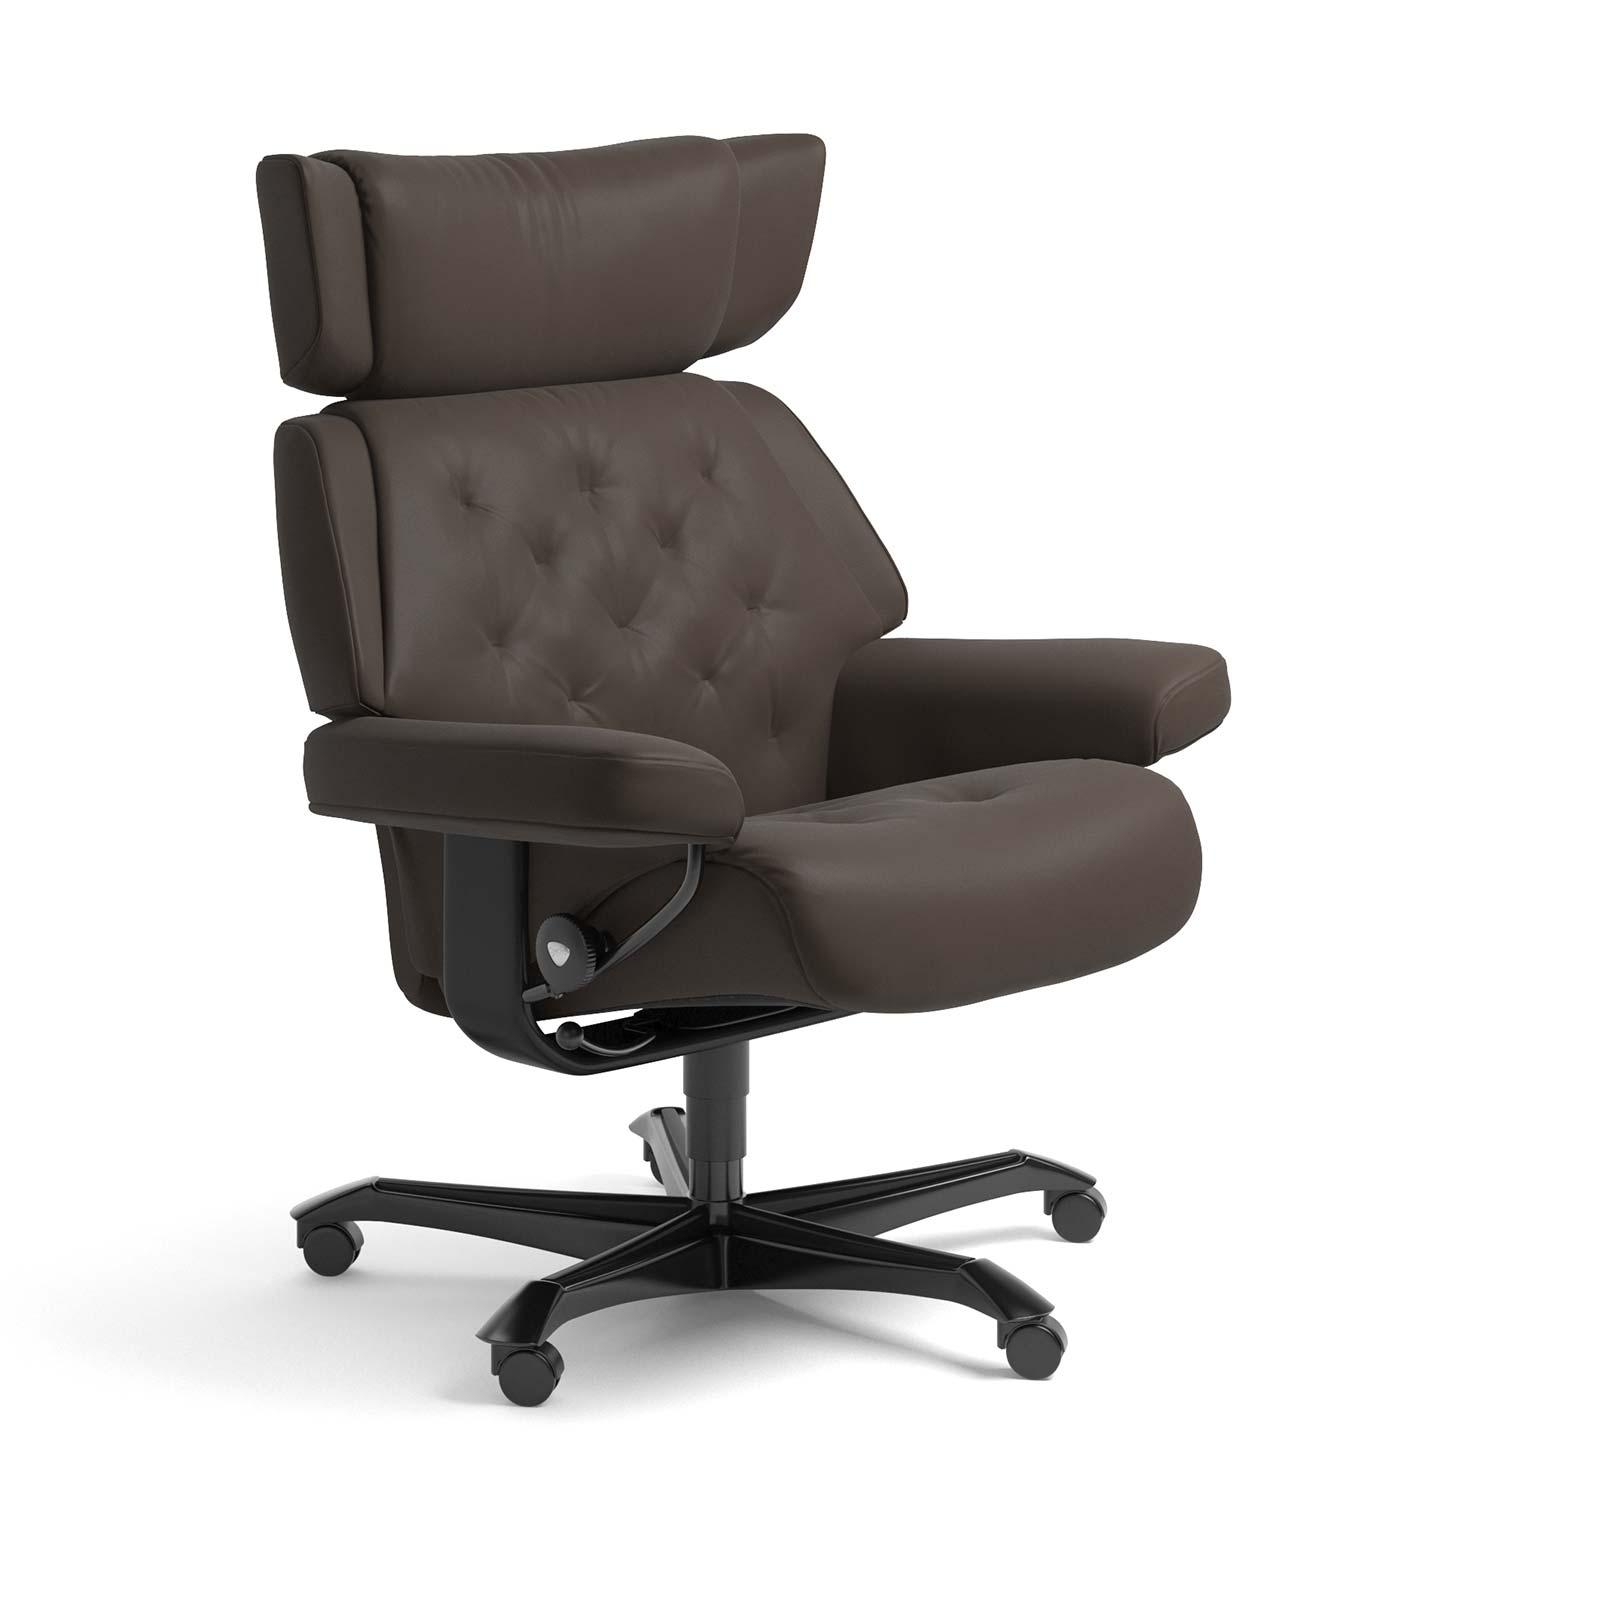 Stressless Sessel SKYLINE Home Office Leder Batick braun